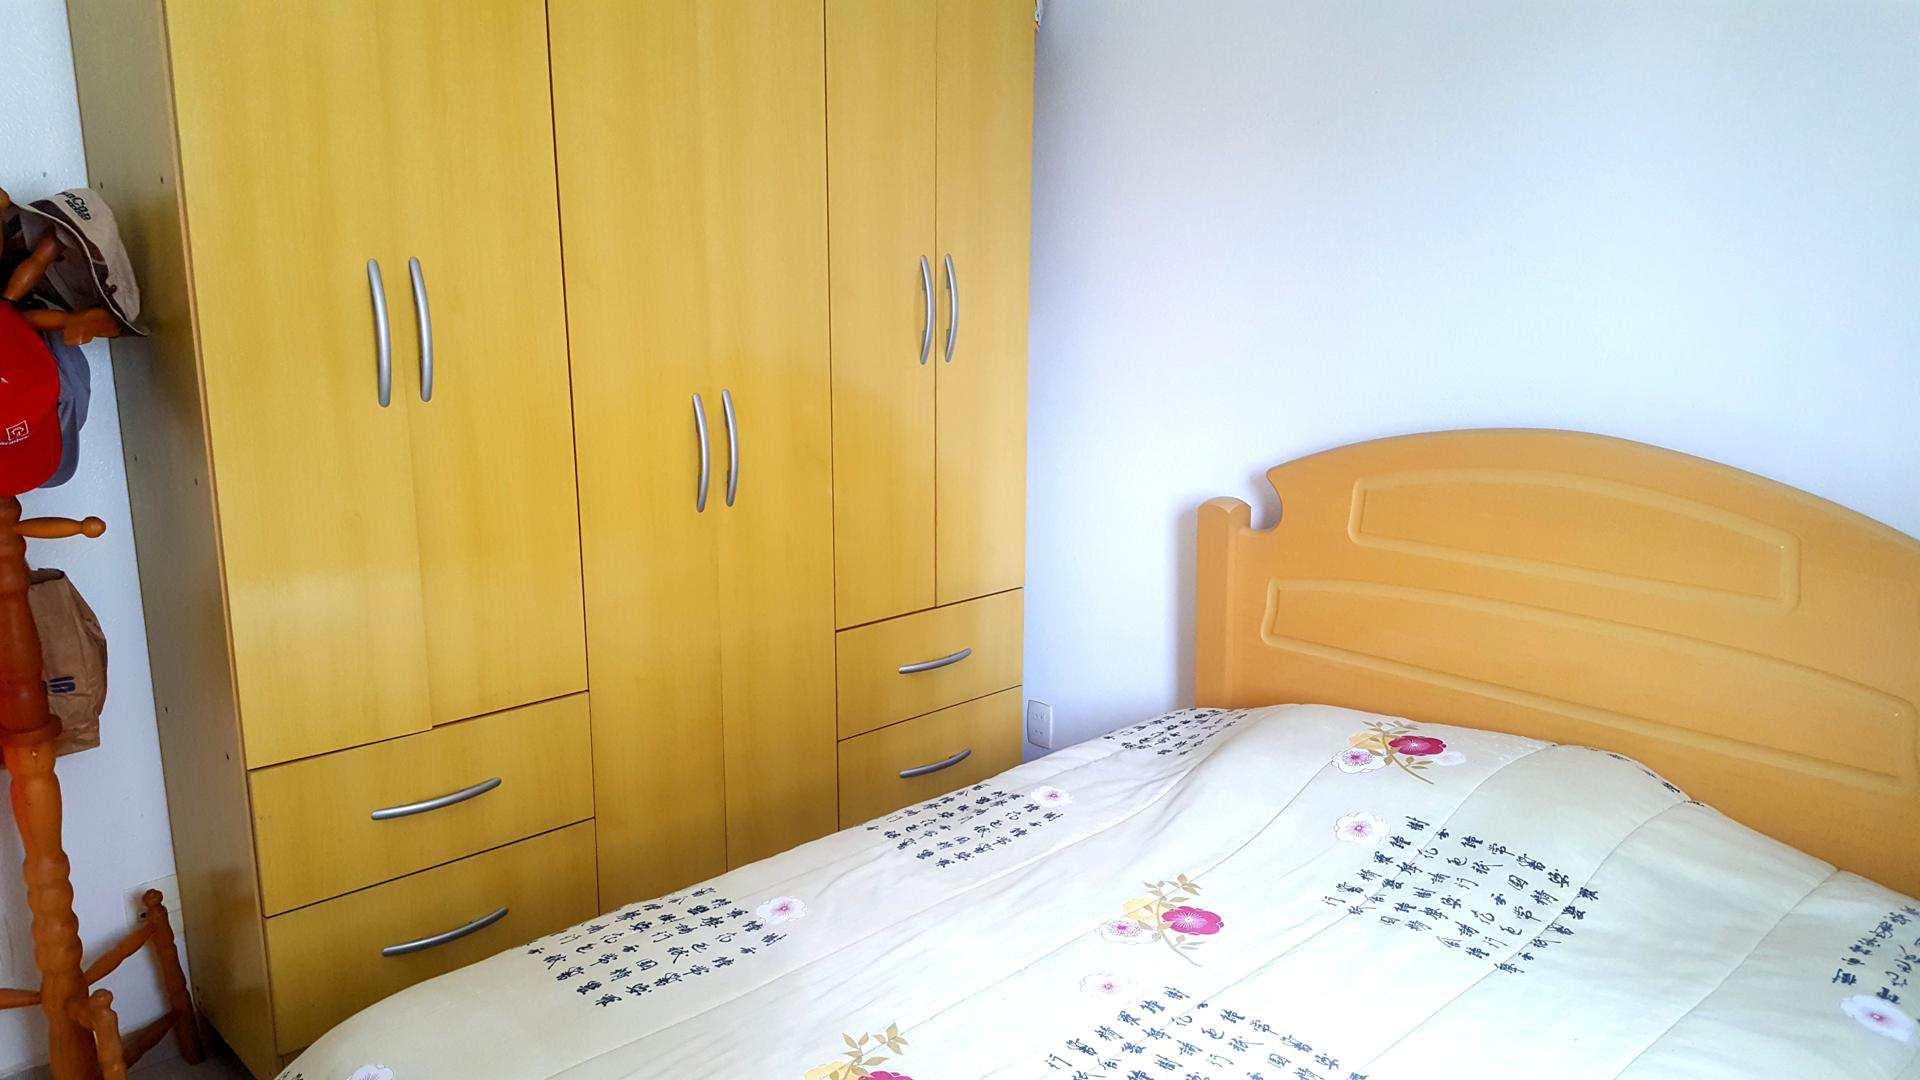 F - dorm 1 (4)